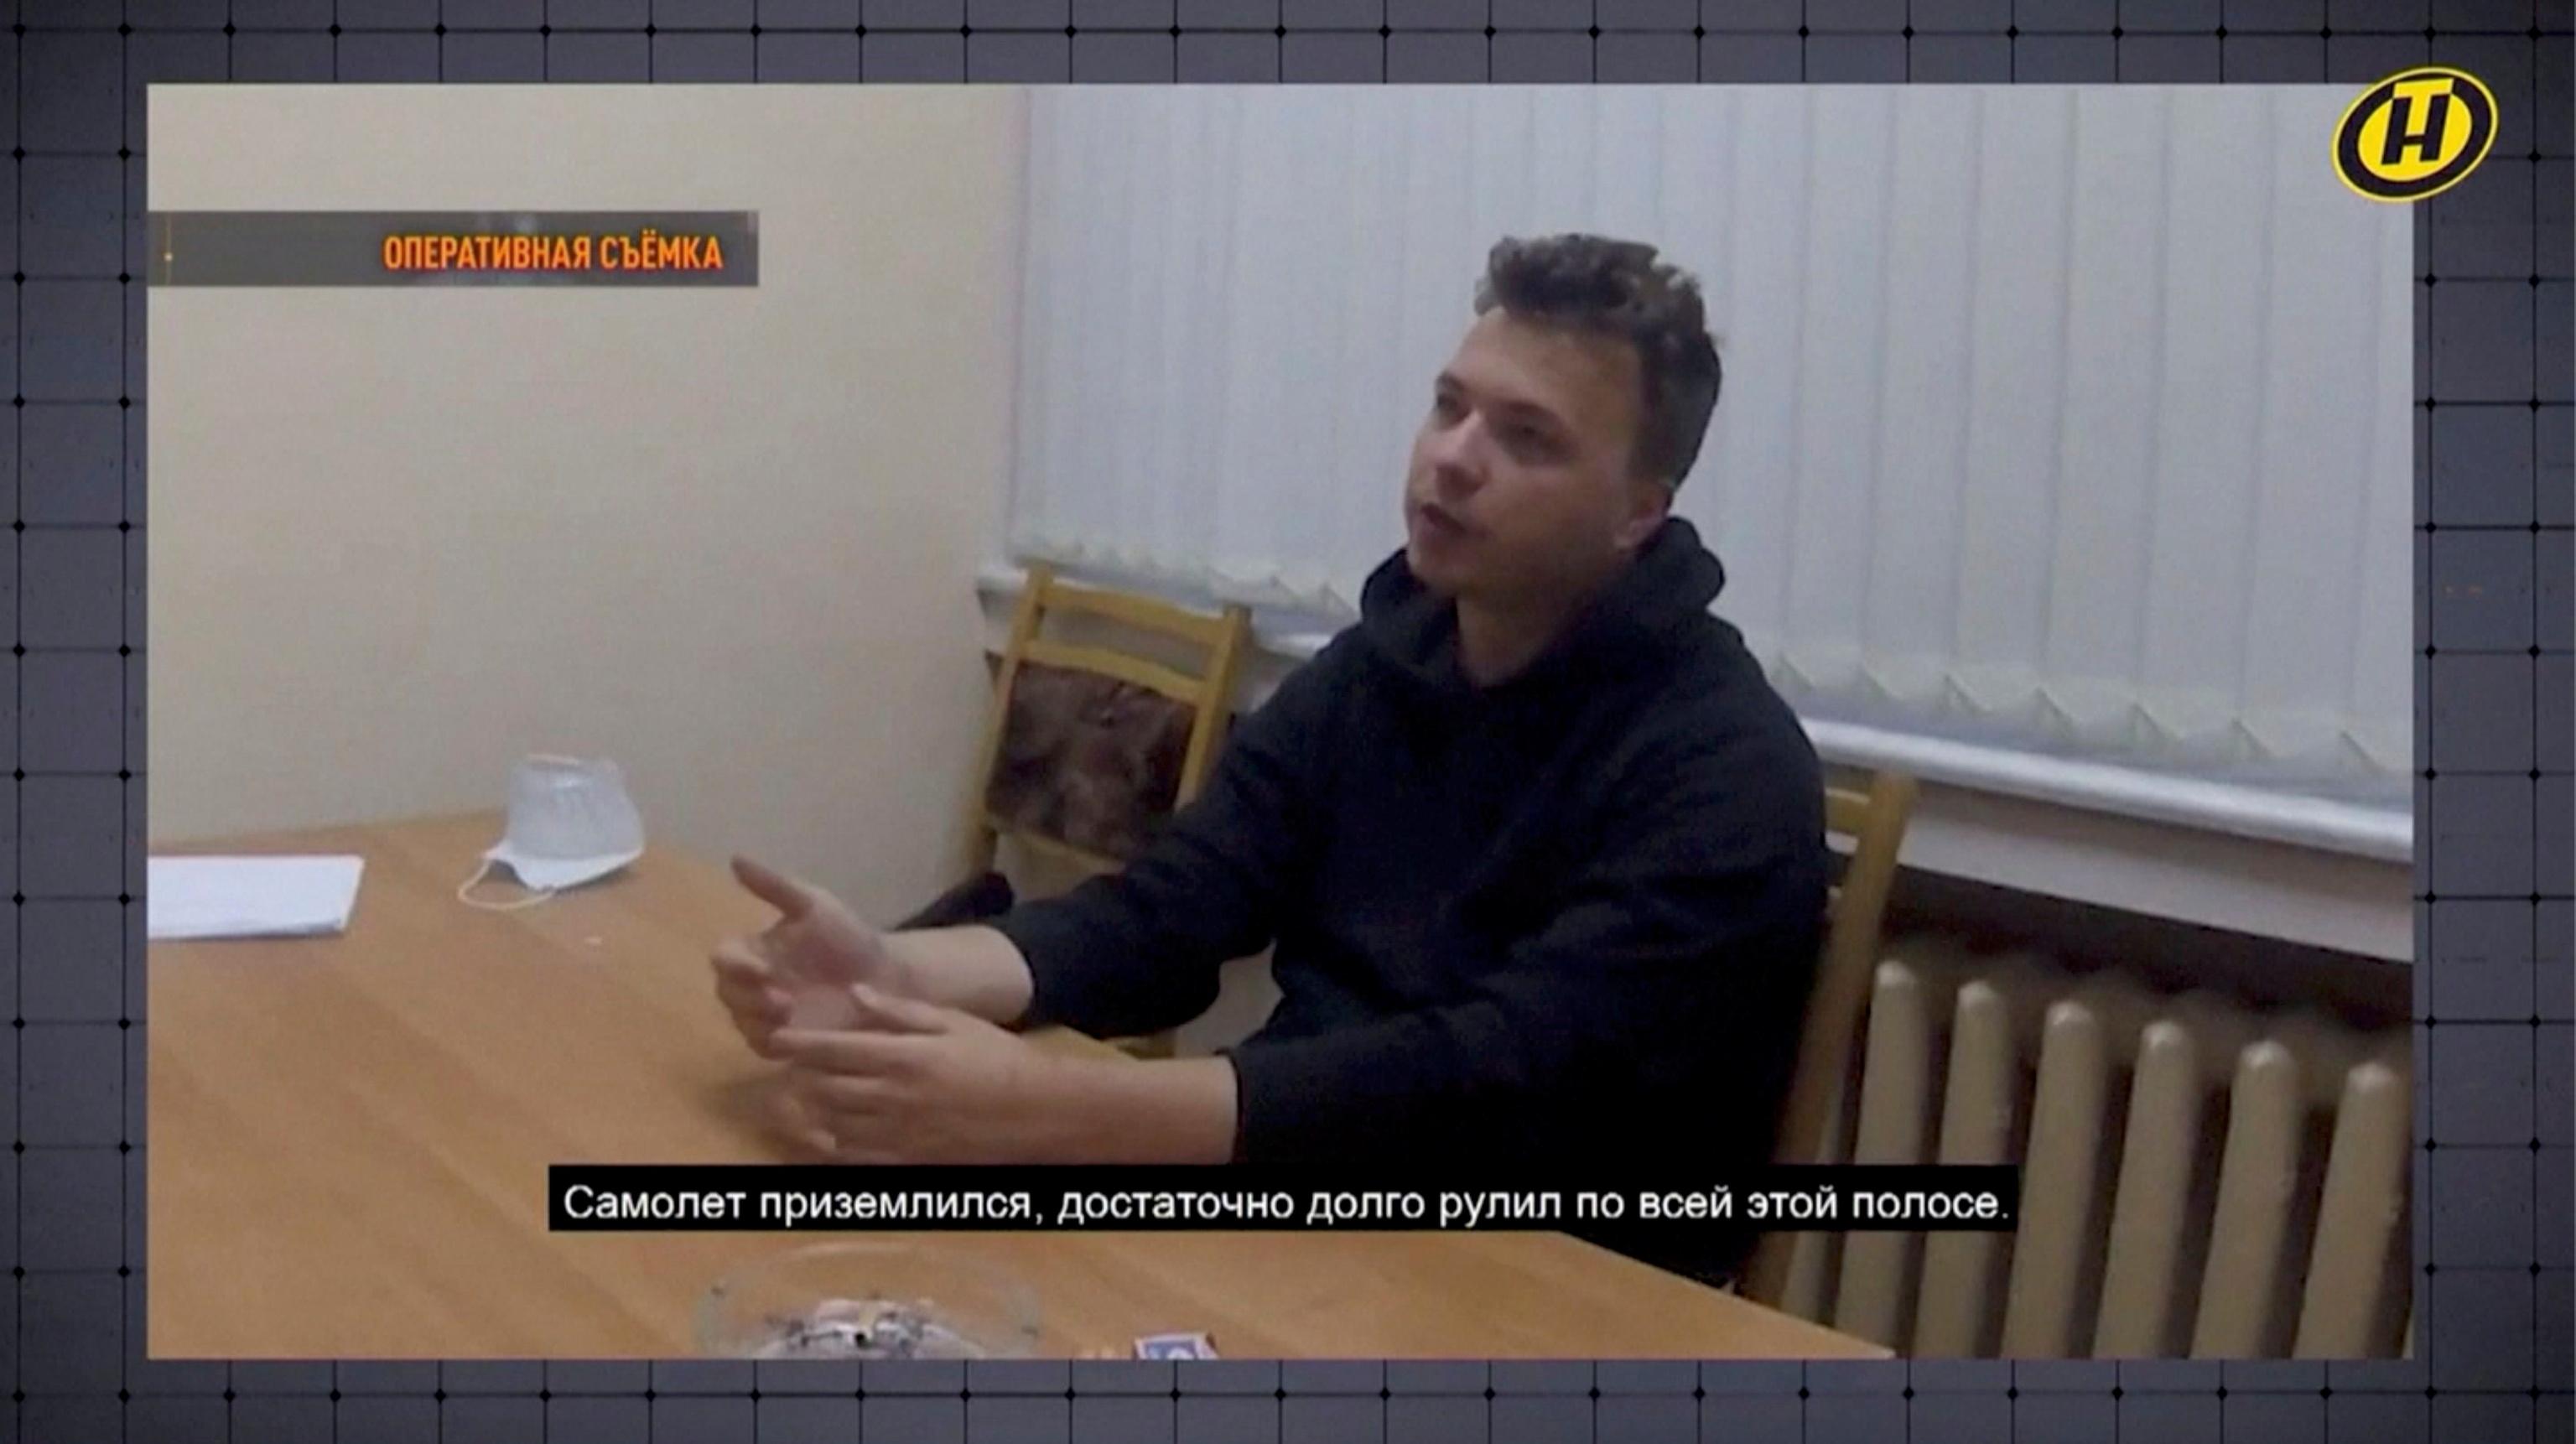 El periodista detenido, Roman Protasevich.